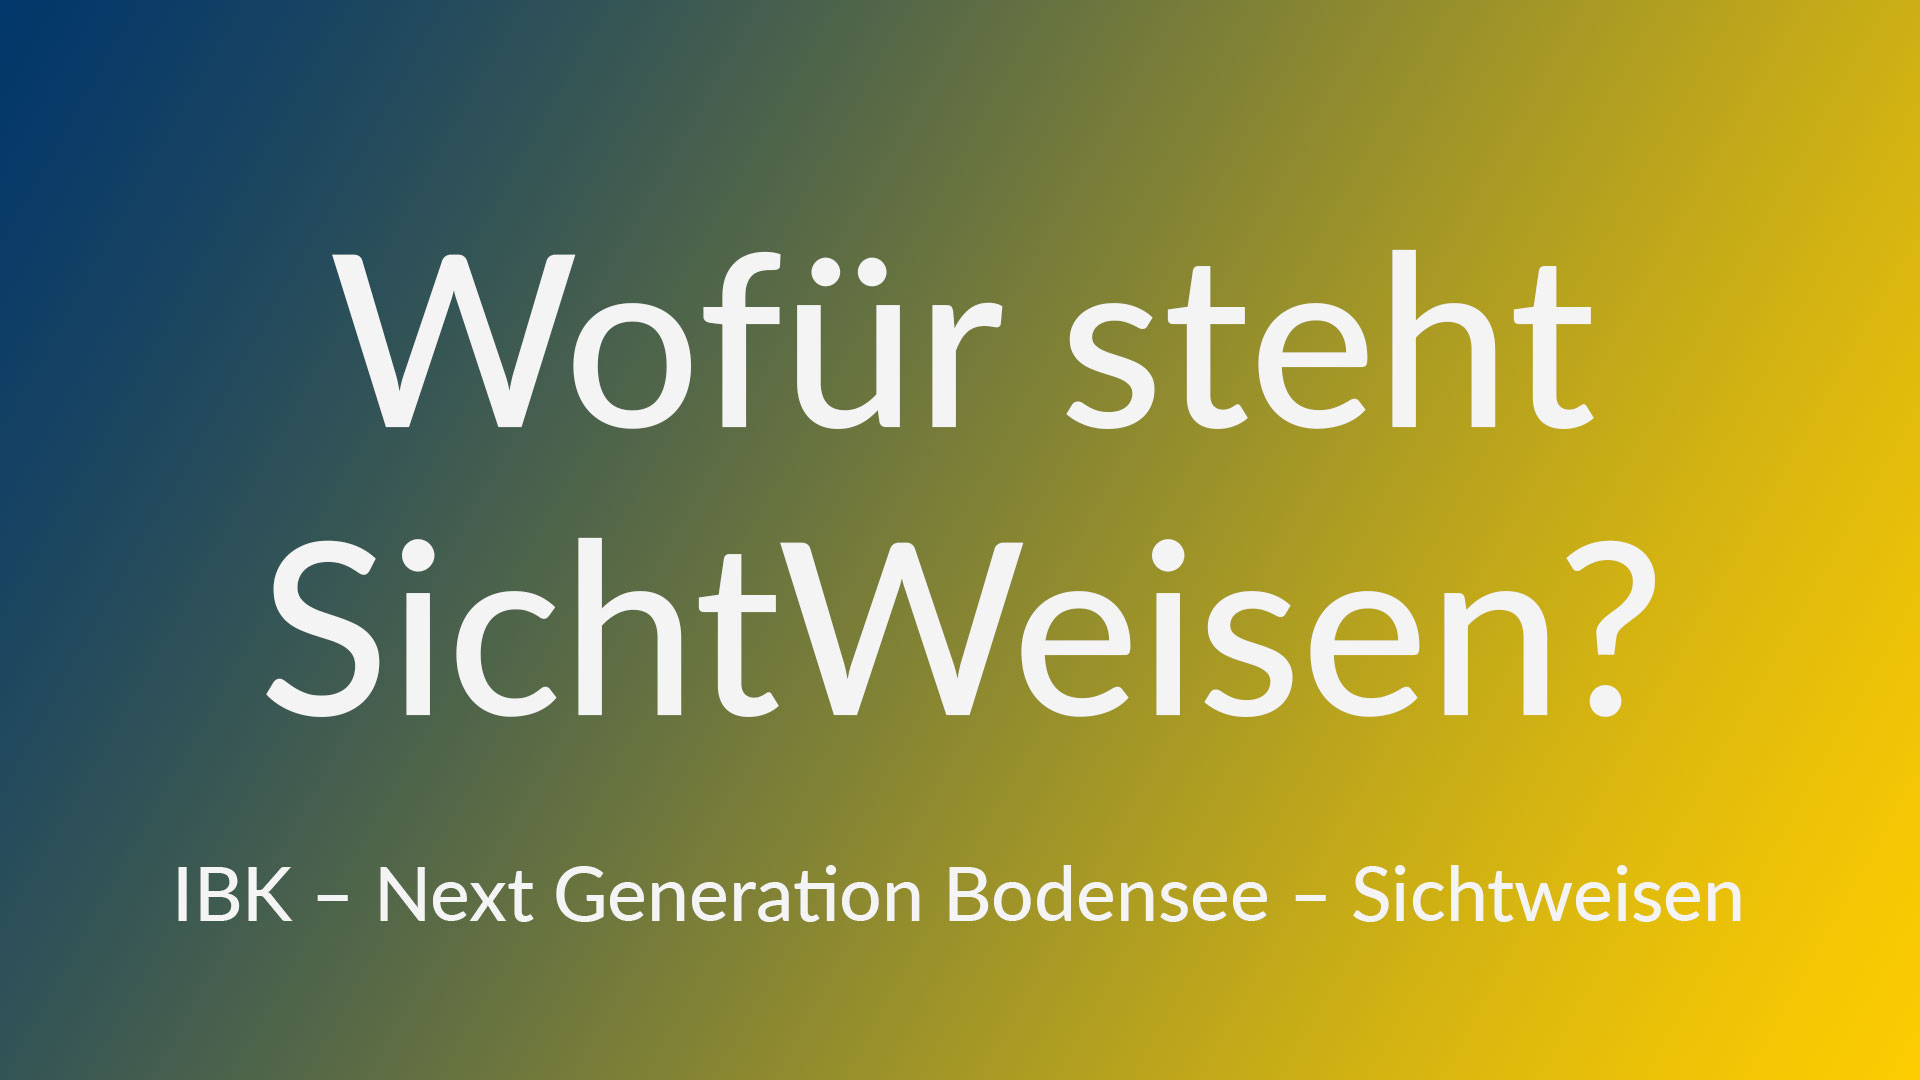 bild-wofuer-steht-sichtweisen-ibk-next-genration-bodensee.jpg